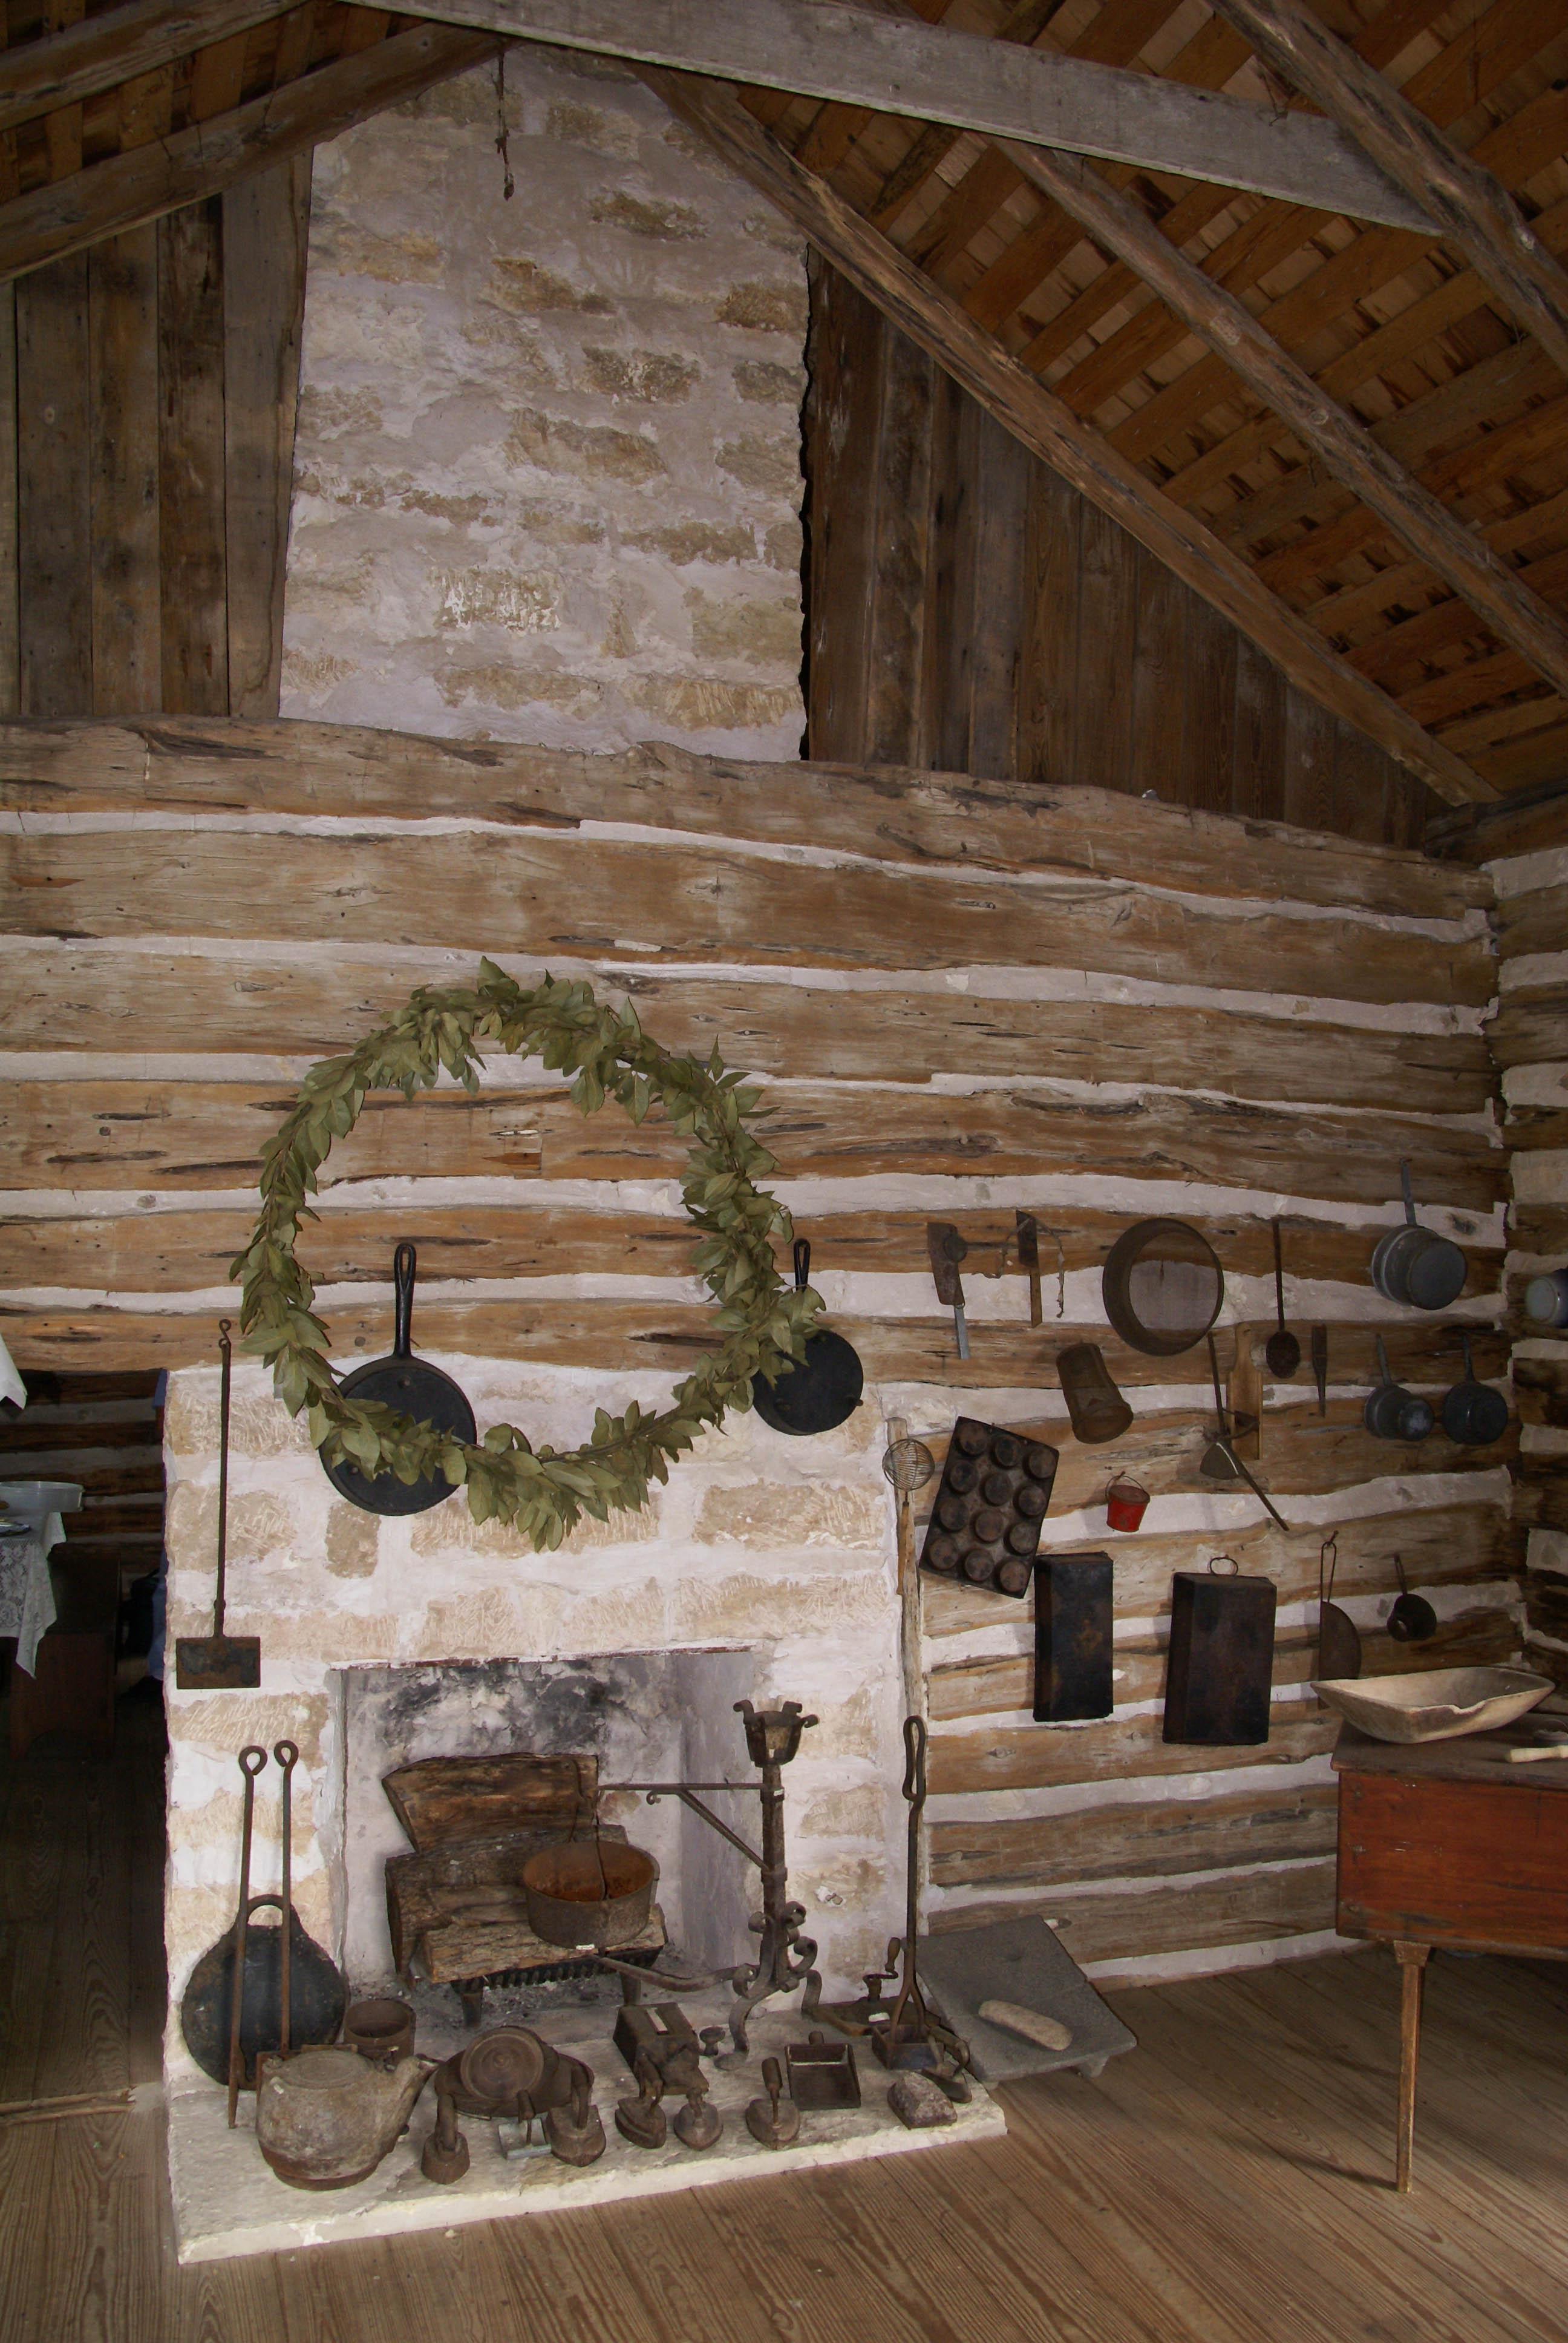 claiborne kyle log house a genuine dogtrot log home